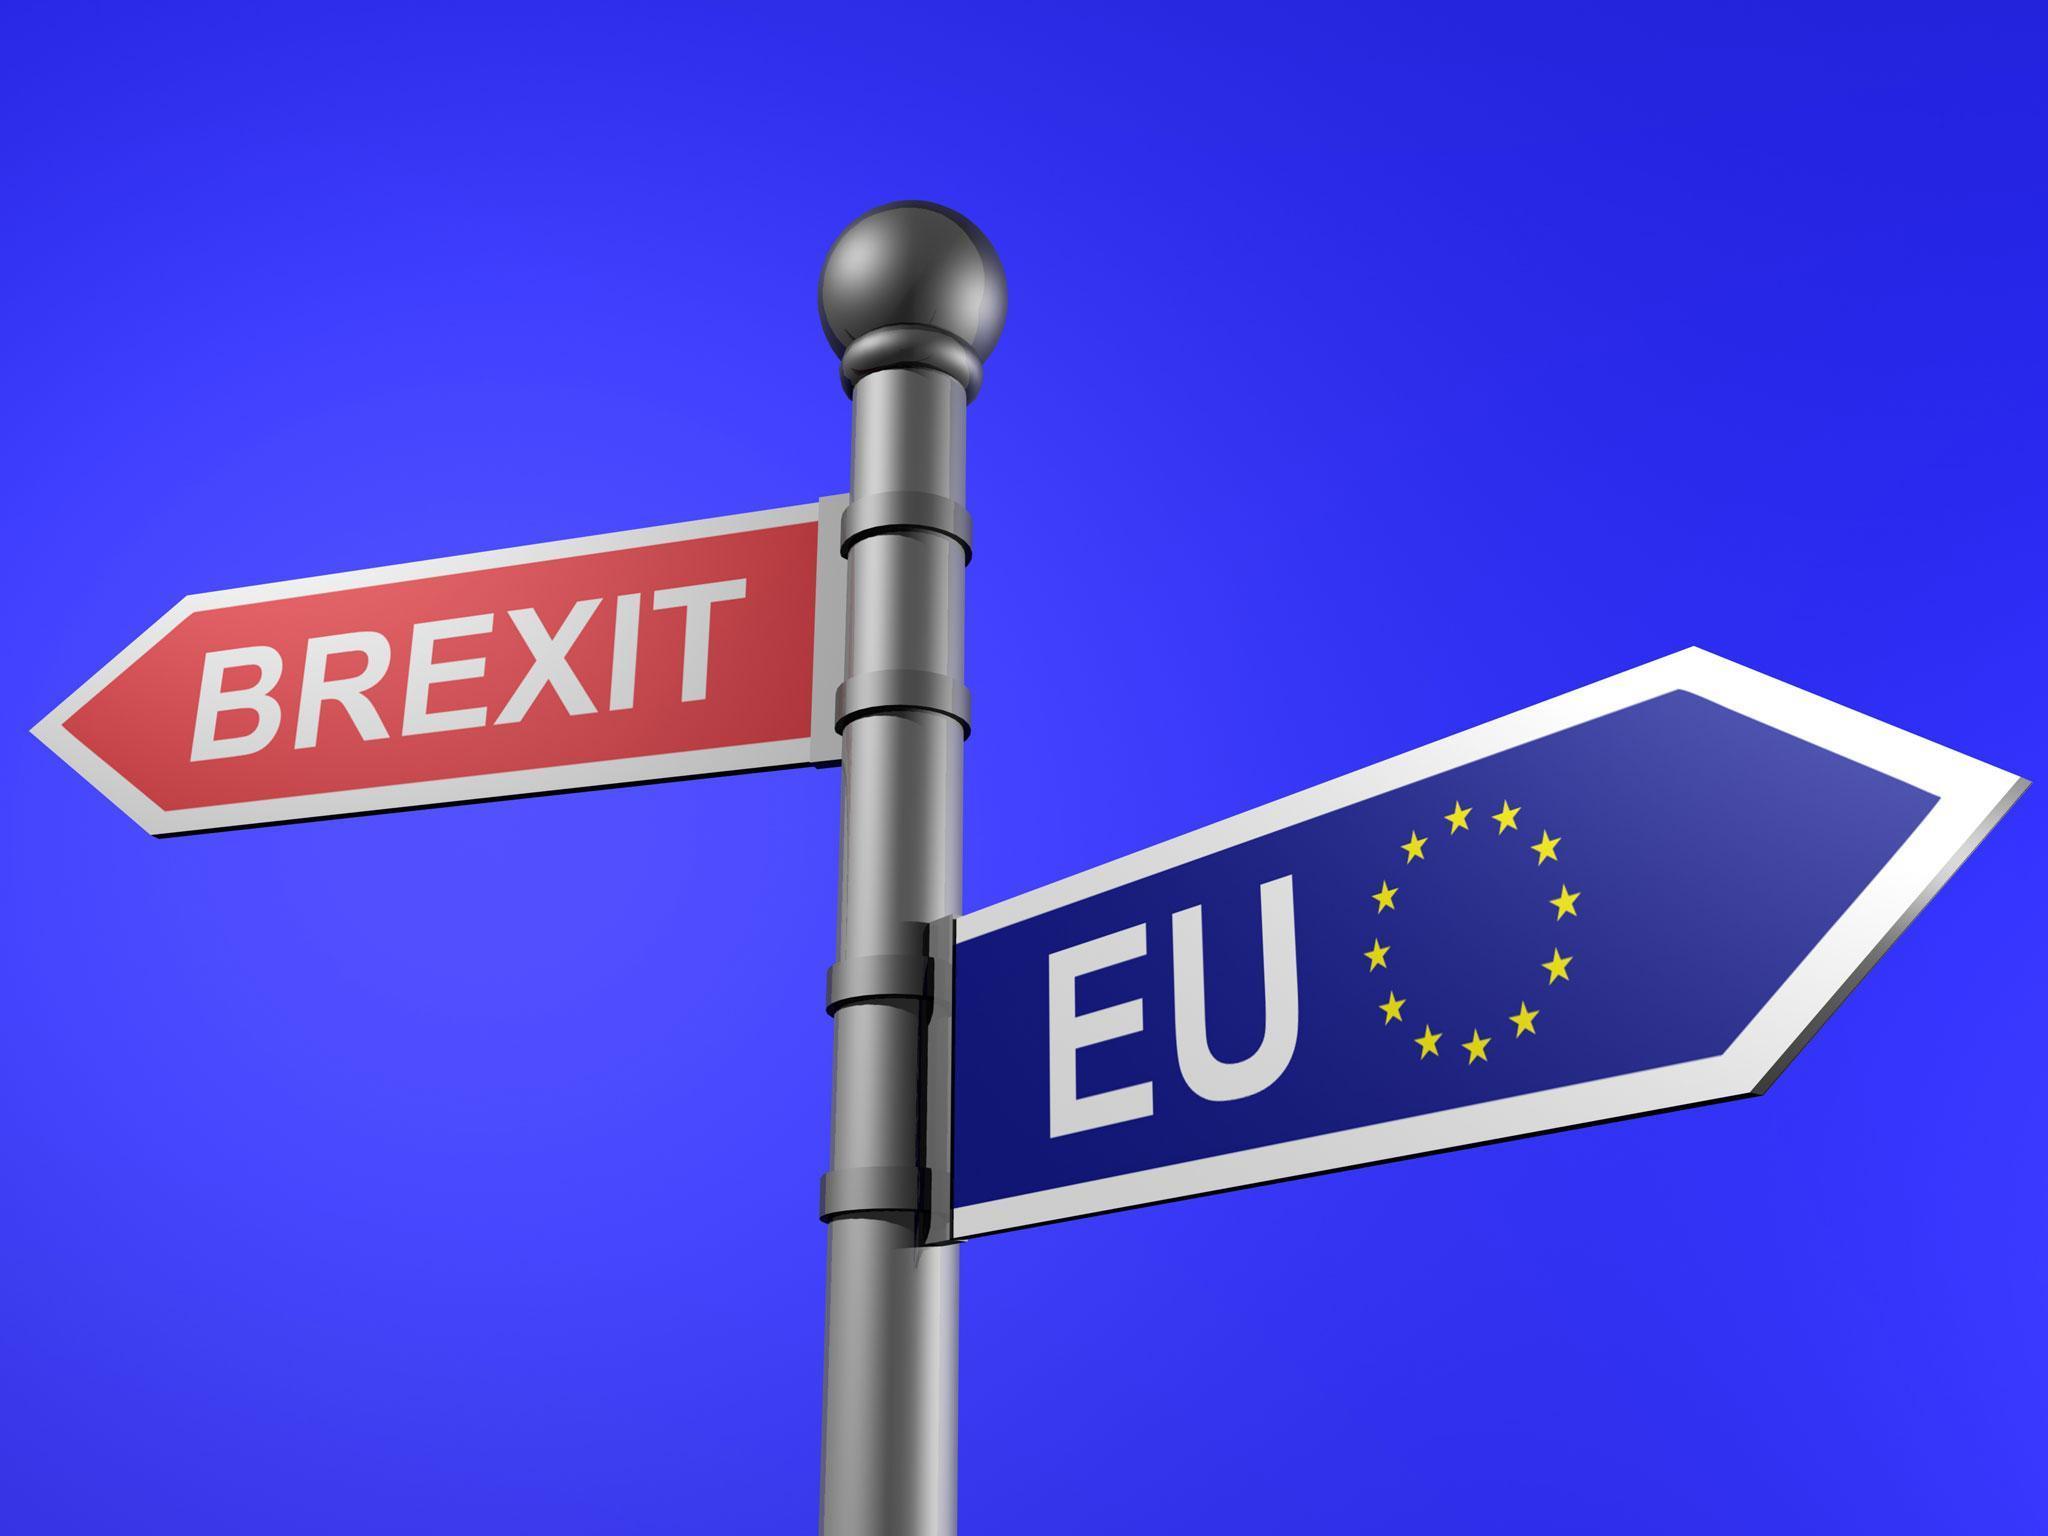 brexit-istock_0